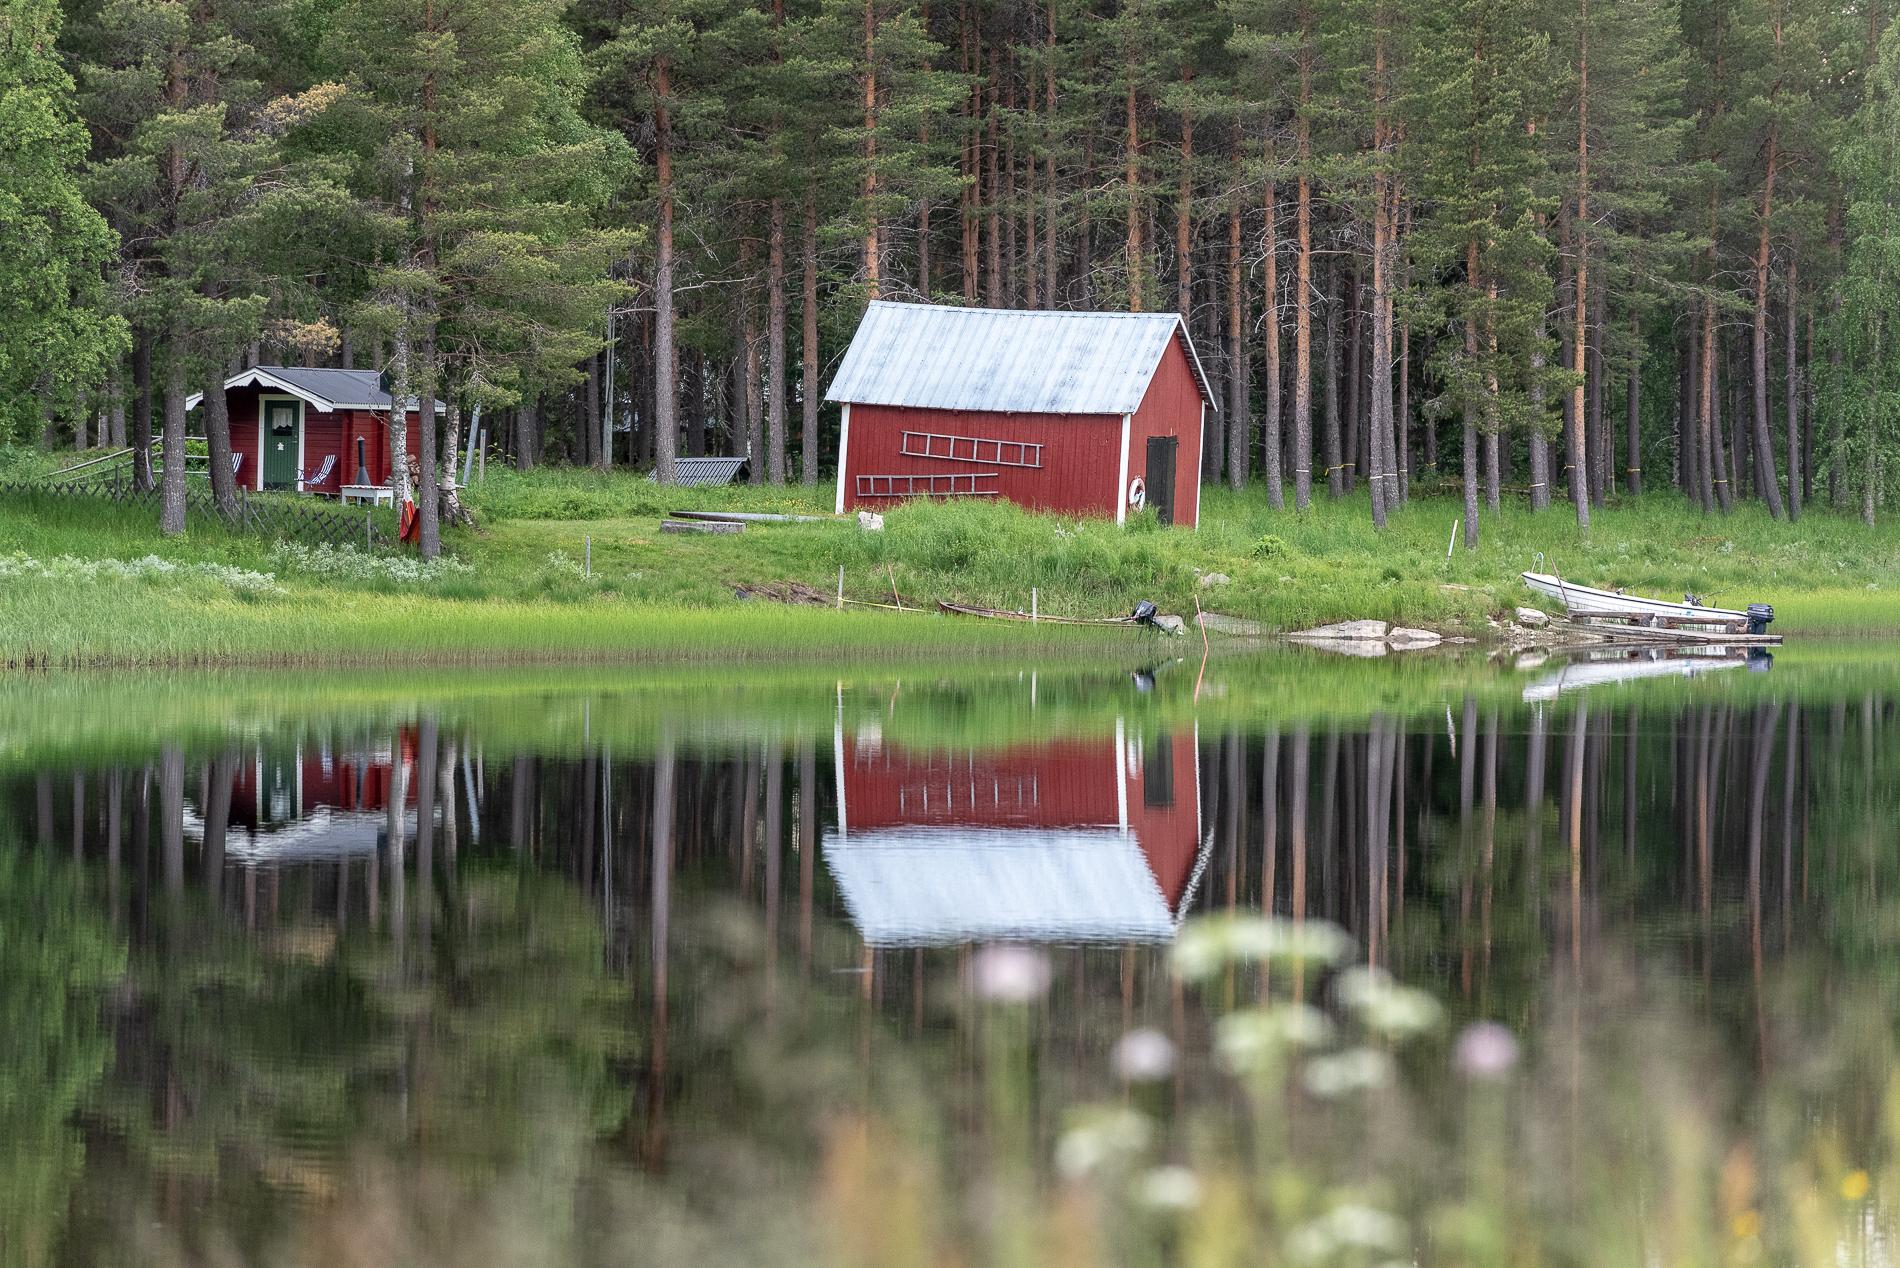 Sorsele, Sweden